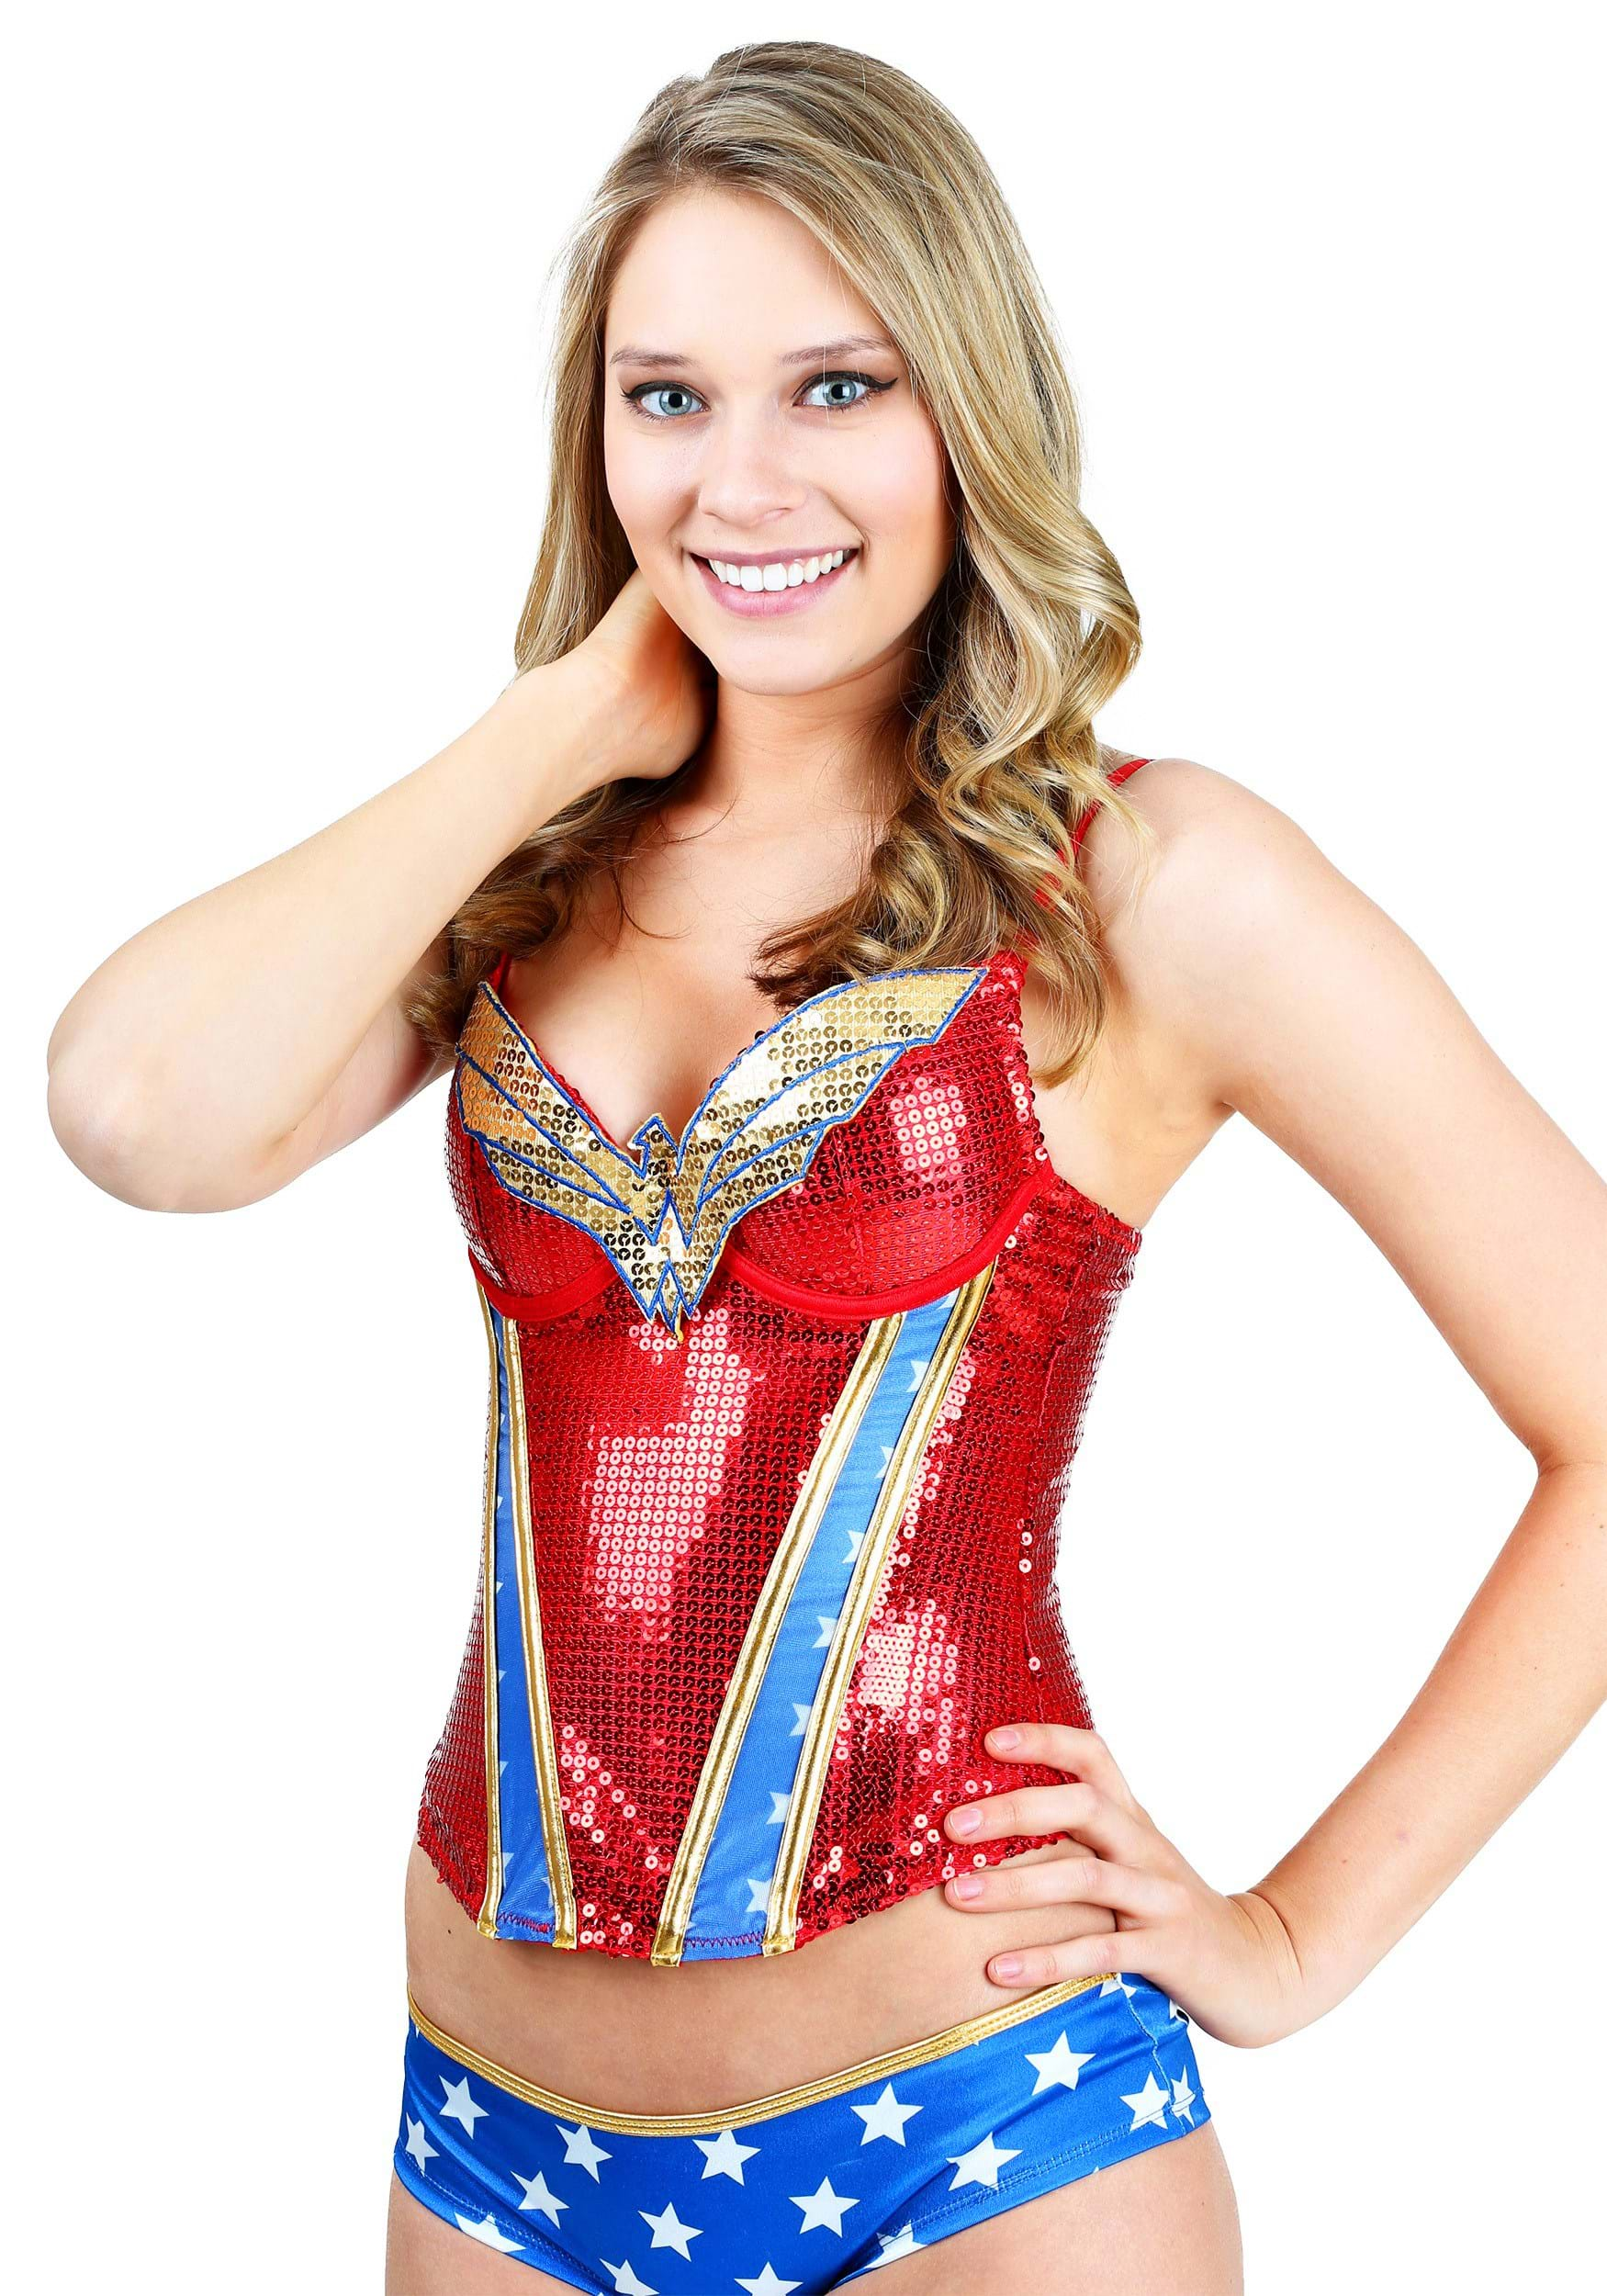 Upscale Wonder Woman Sequin Corest Wonder Woman Sequin Corset Wonder Woman Pajamas Uk Wonder Woman Pajamas 2t baby Wonder Woman Pajamas